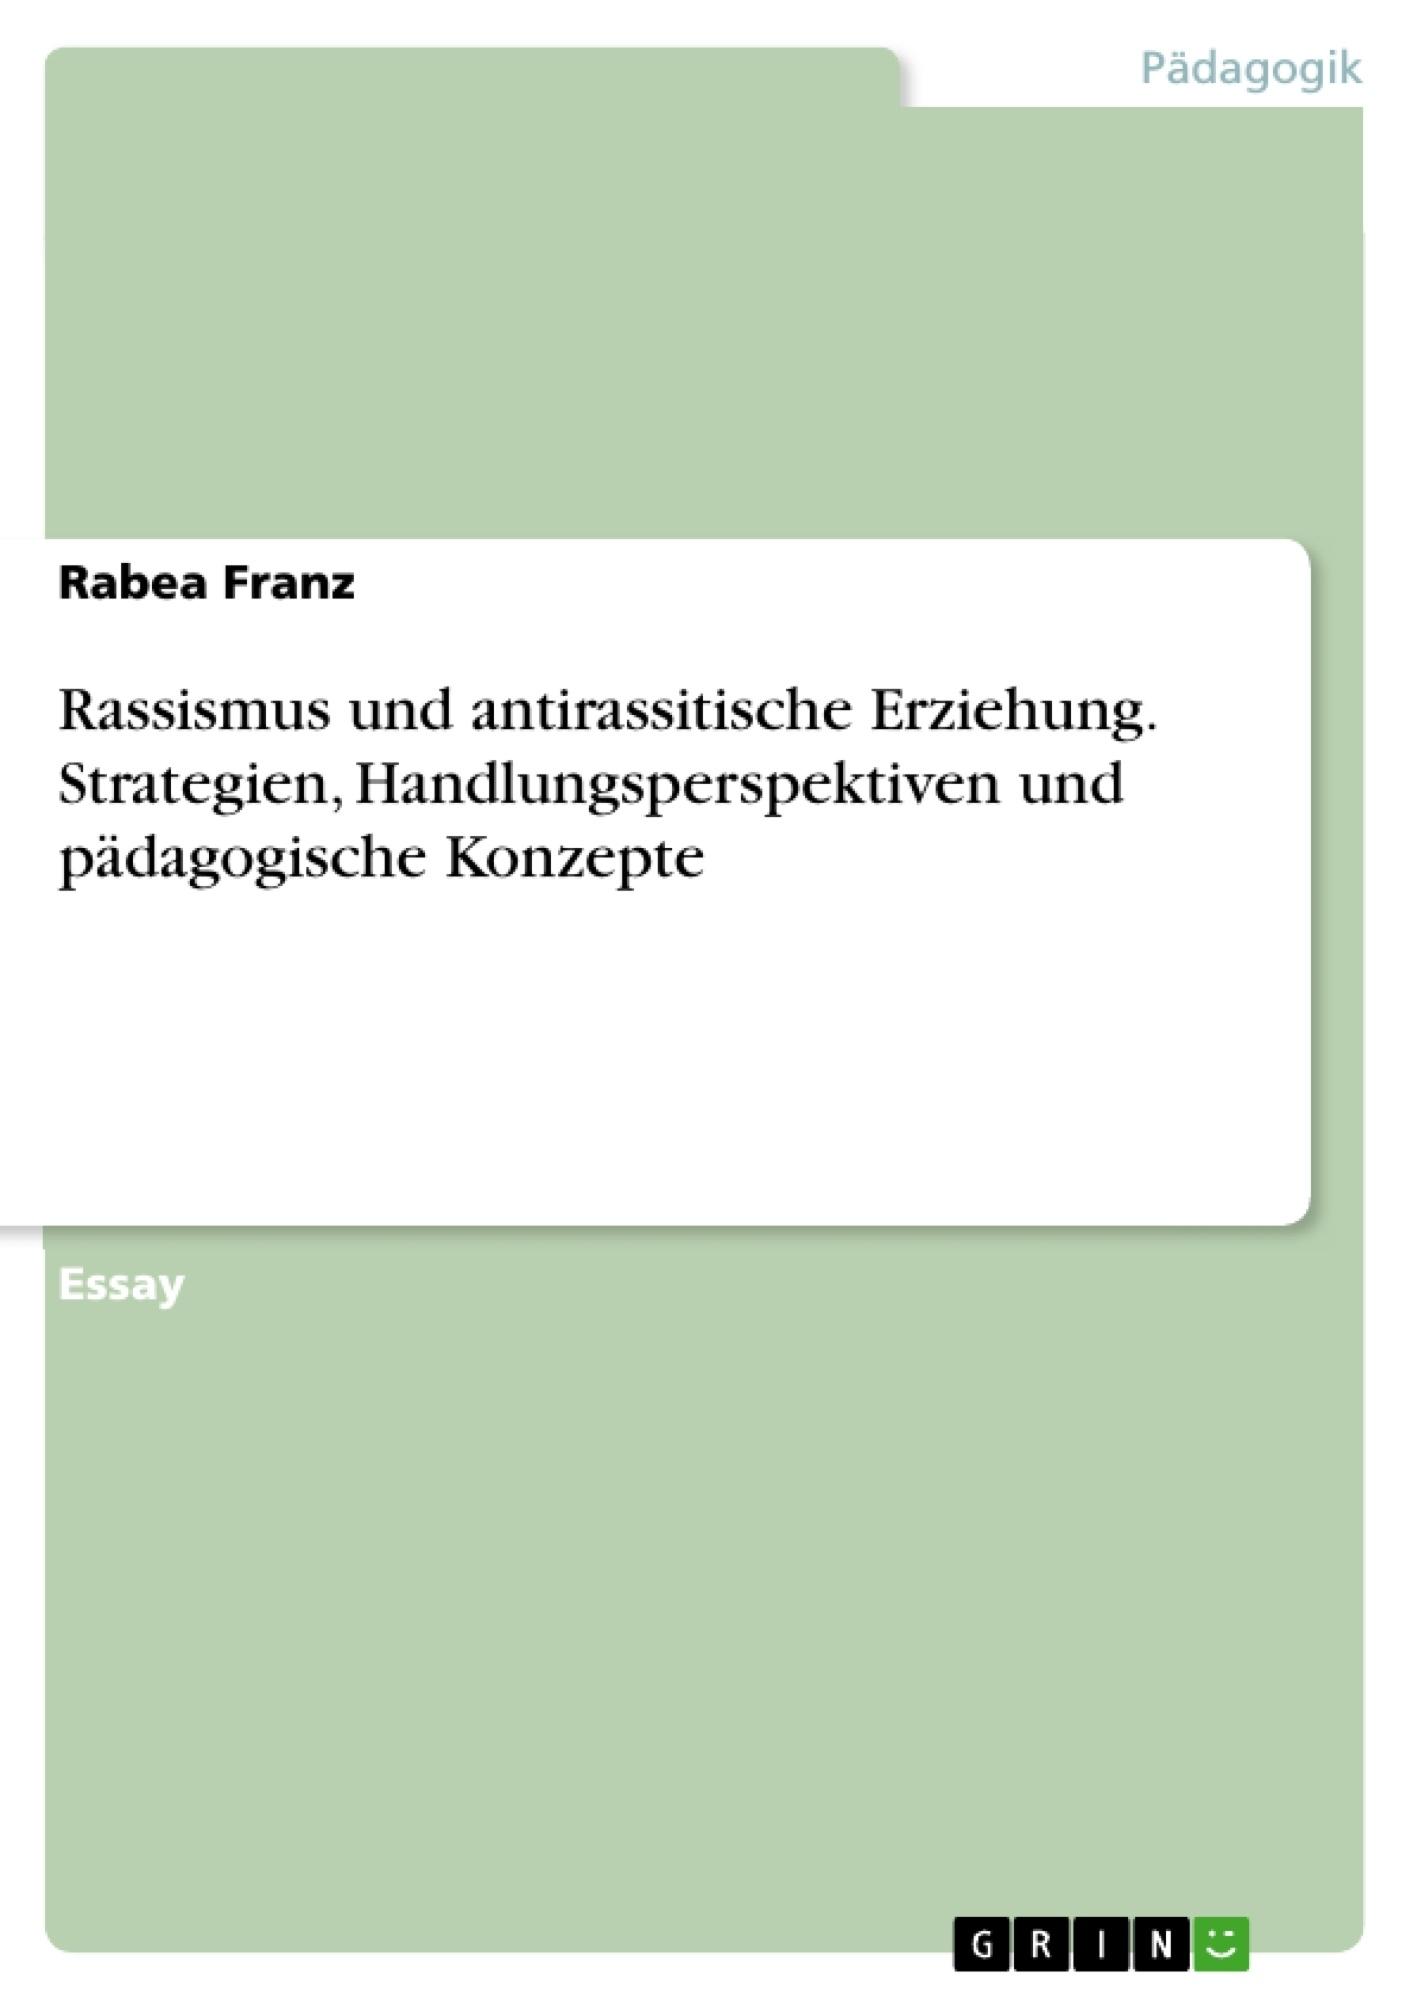 Titel: Rassismus und antirassitische Erziehung. Strategien, Handlungsperspektiven und pädagogische Konzepte